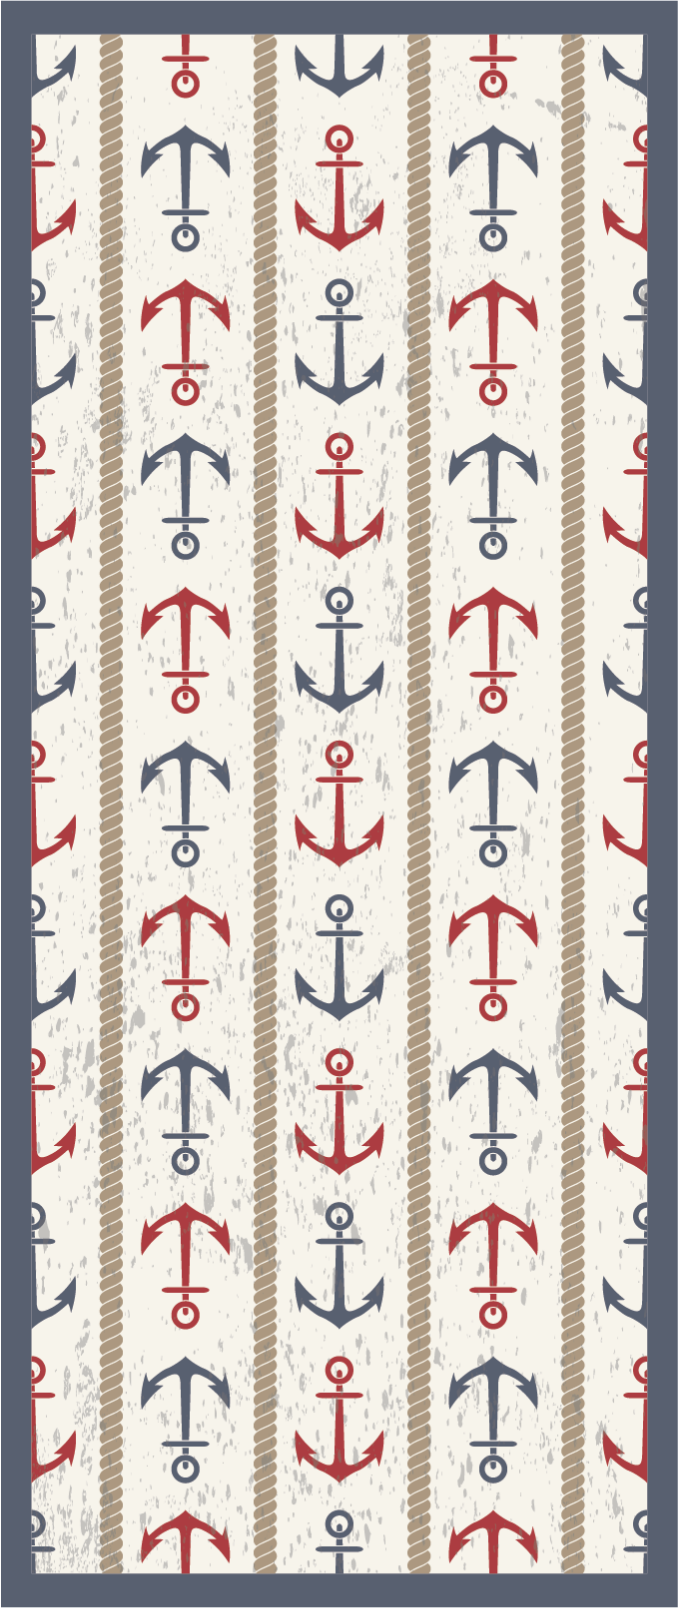 TenStickers. Tapete de vinil retrô com tema náutico. Tapete de vinil original com âncoras vermelhas e azuis sobre um fundo claro para dar a qualquer espaço que você deseja um visual único e fantástico.